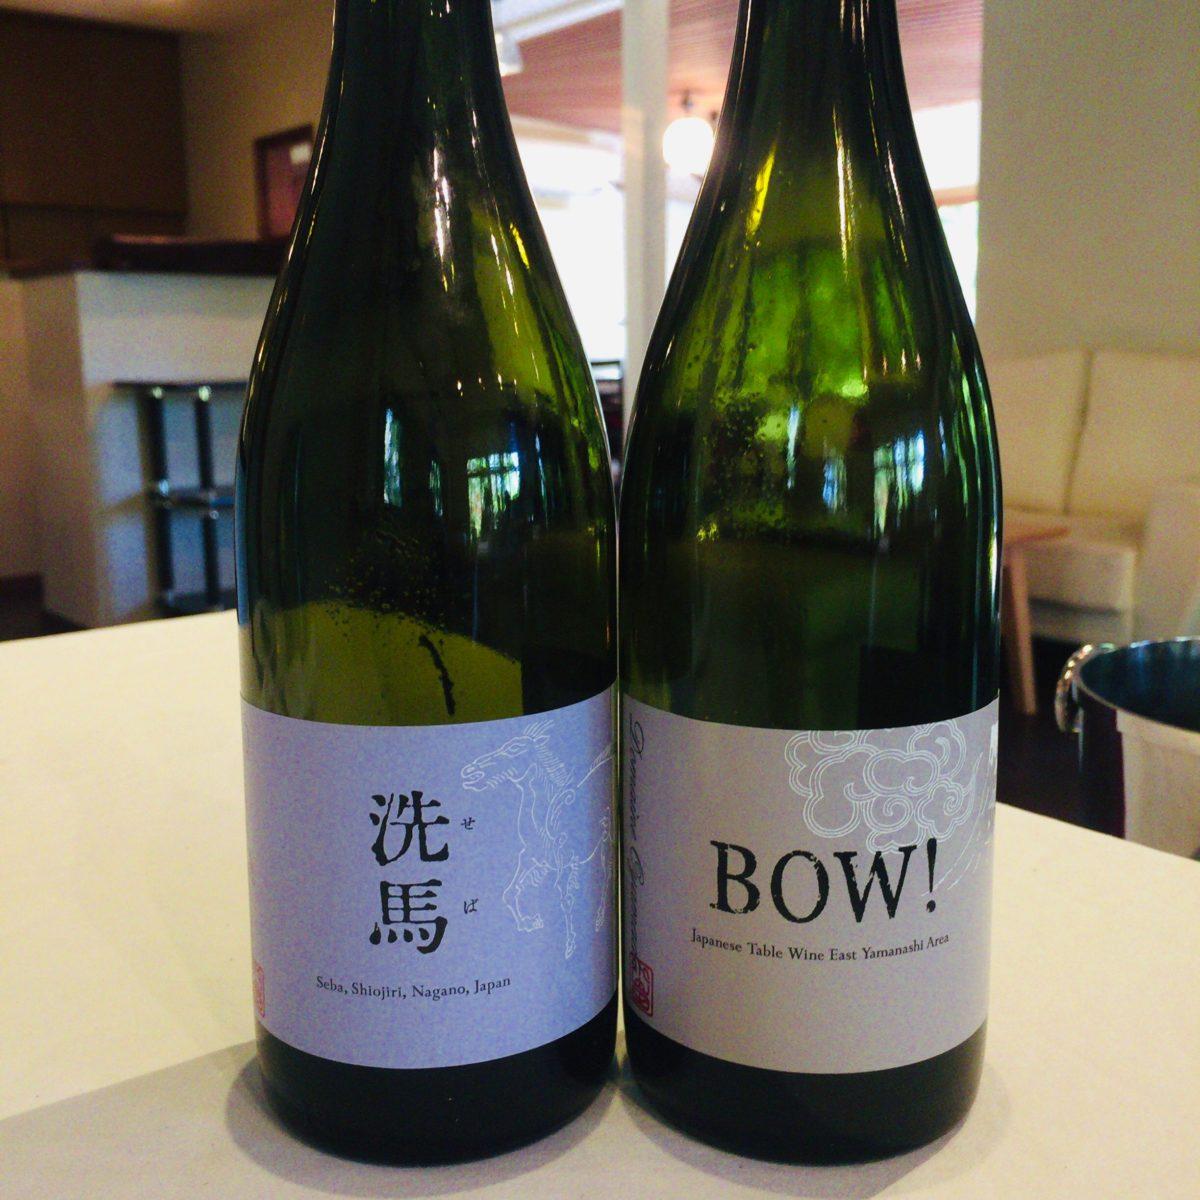 エリソンダンジュールで飲んだドメーヌオヤマダの「BOW! 白」と「洗馬」